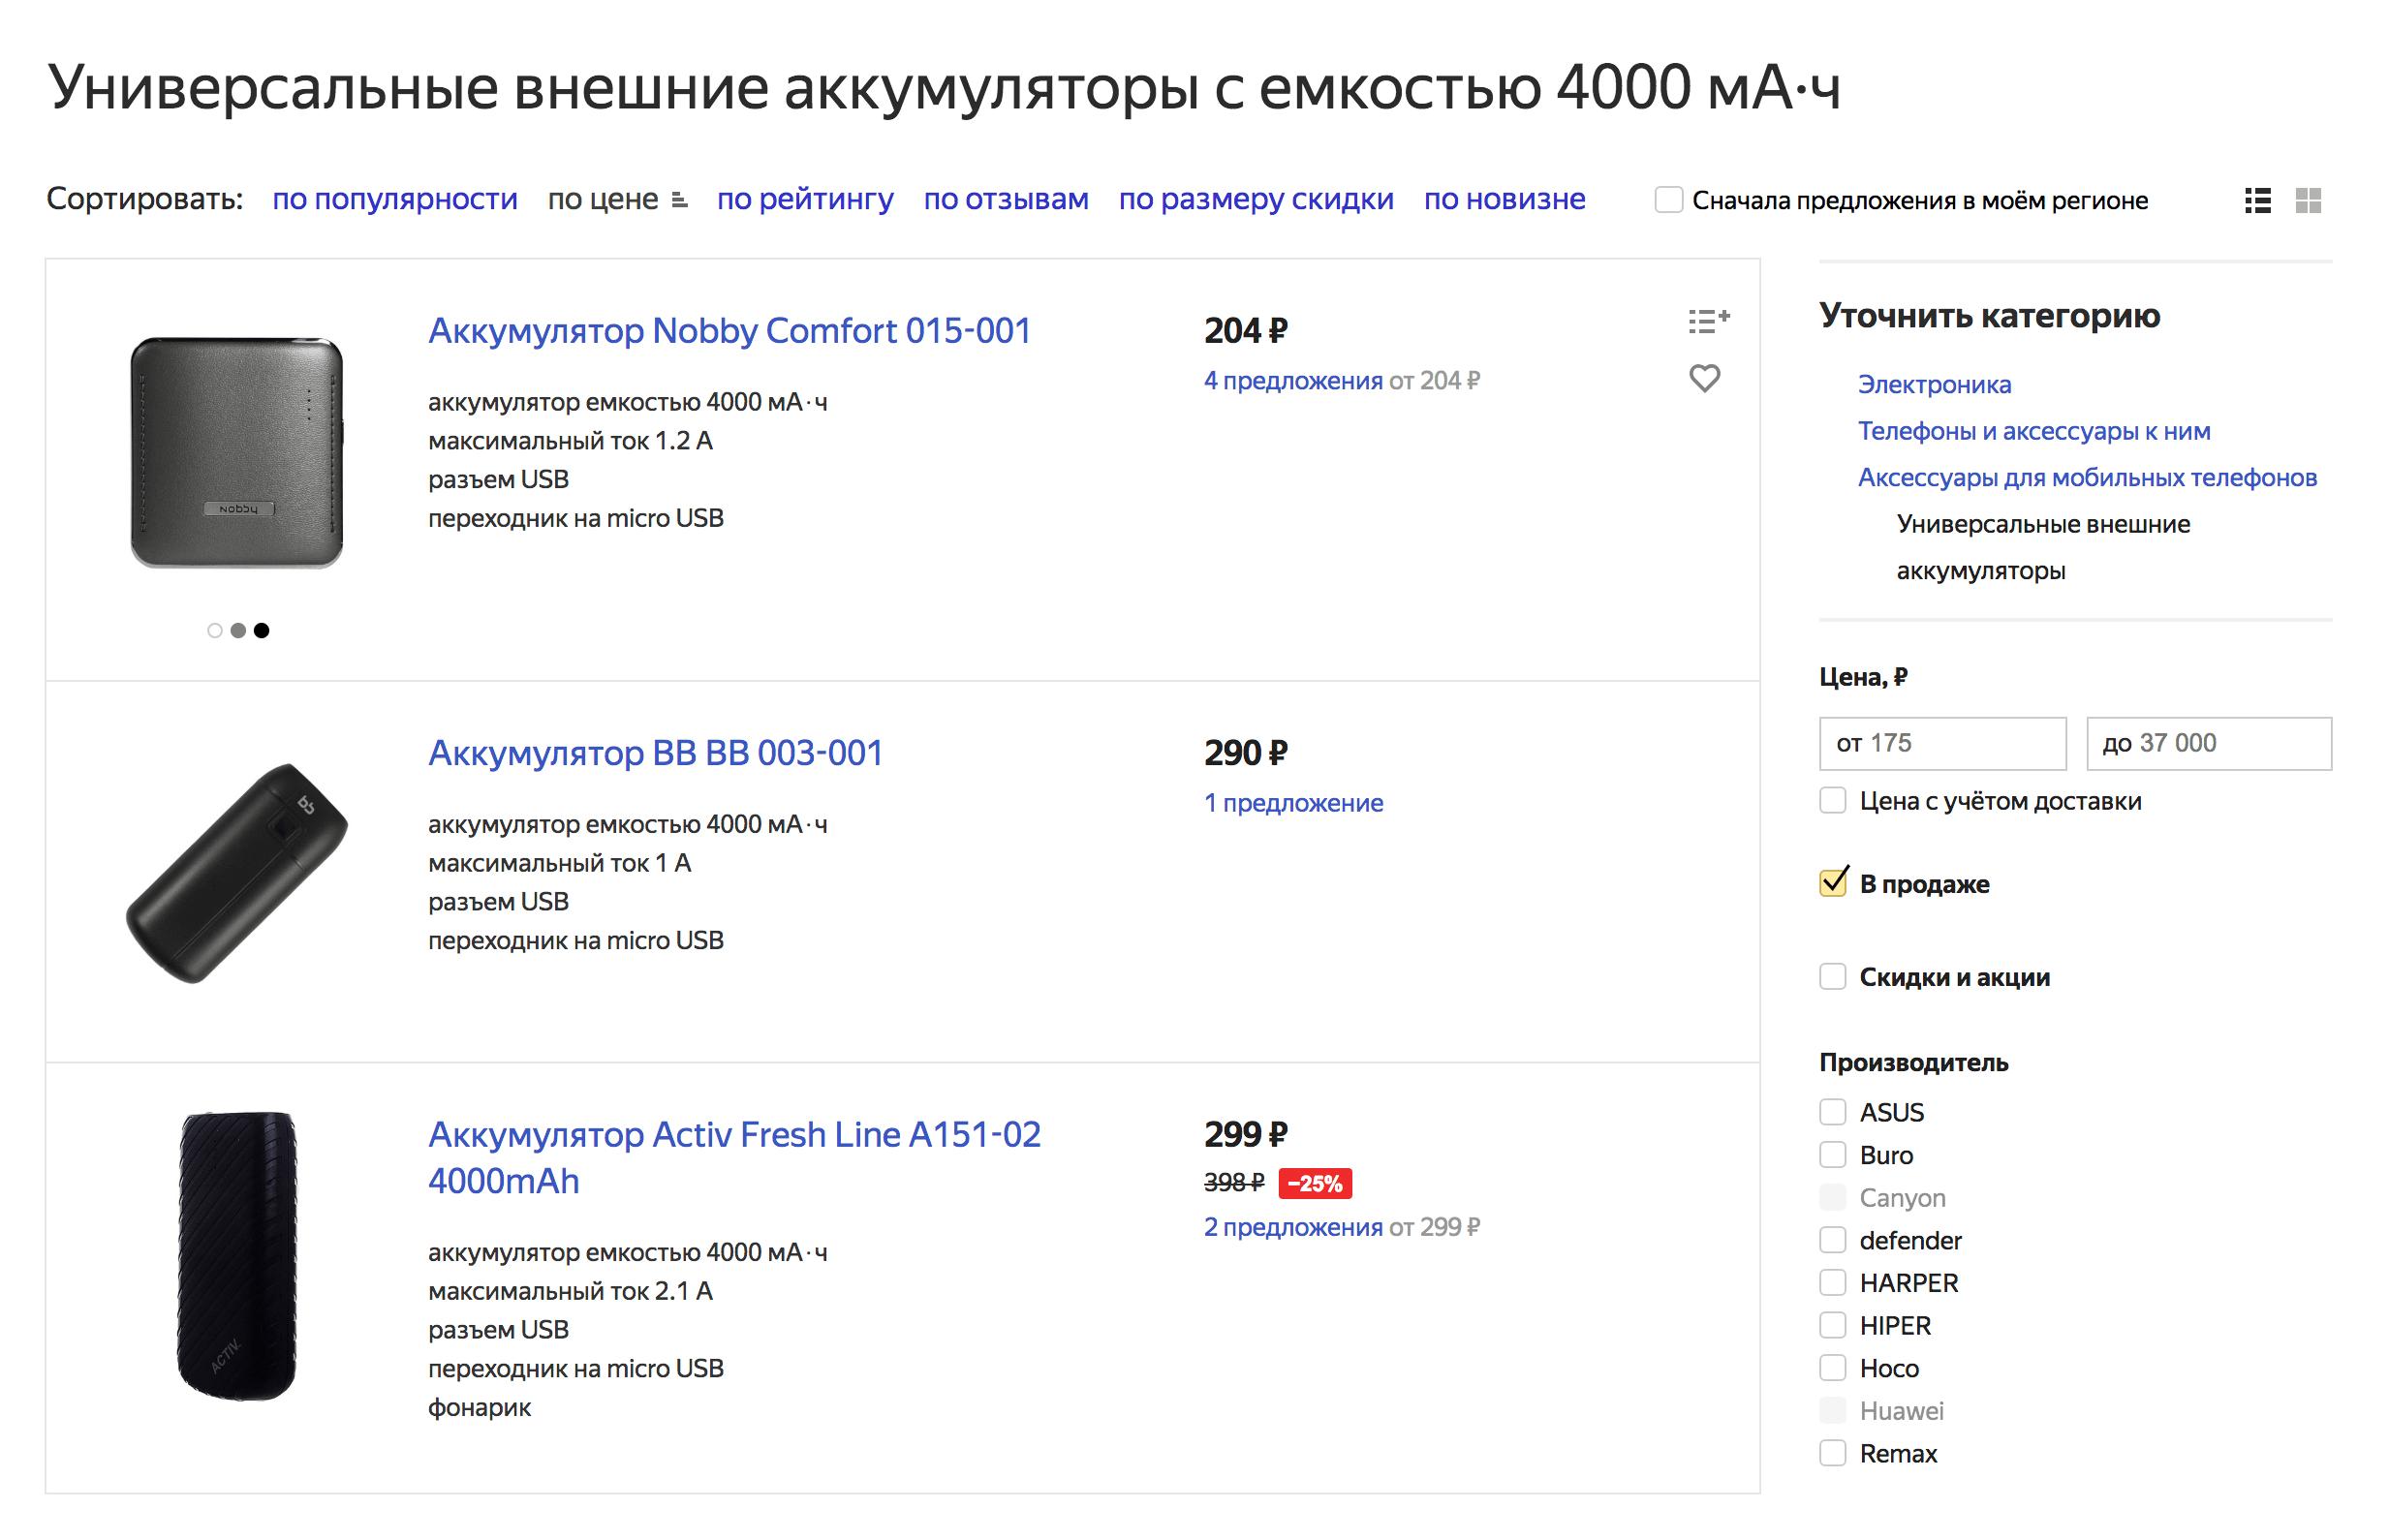 Портативный аккумулятор мне подарили на работе. 4000 мА·ч хватает, чтобы полностью зарядить два смартфона. На «Яндекс-маркете» портативные аккумуляторы стоят от 200 р., цена зависит от емкости — это те самые мА·ч